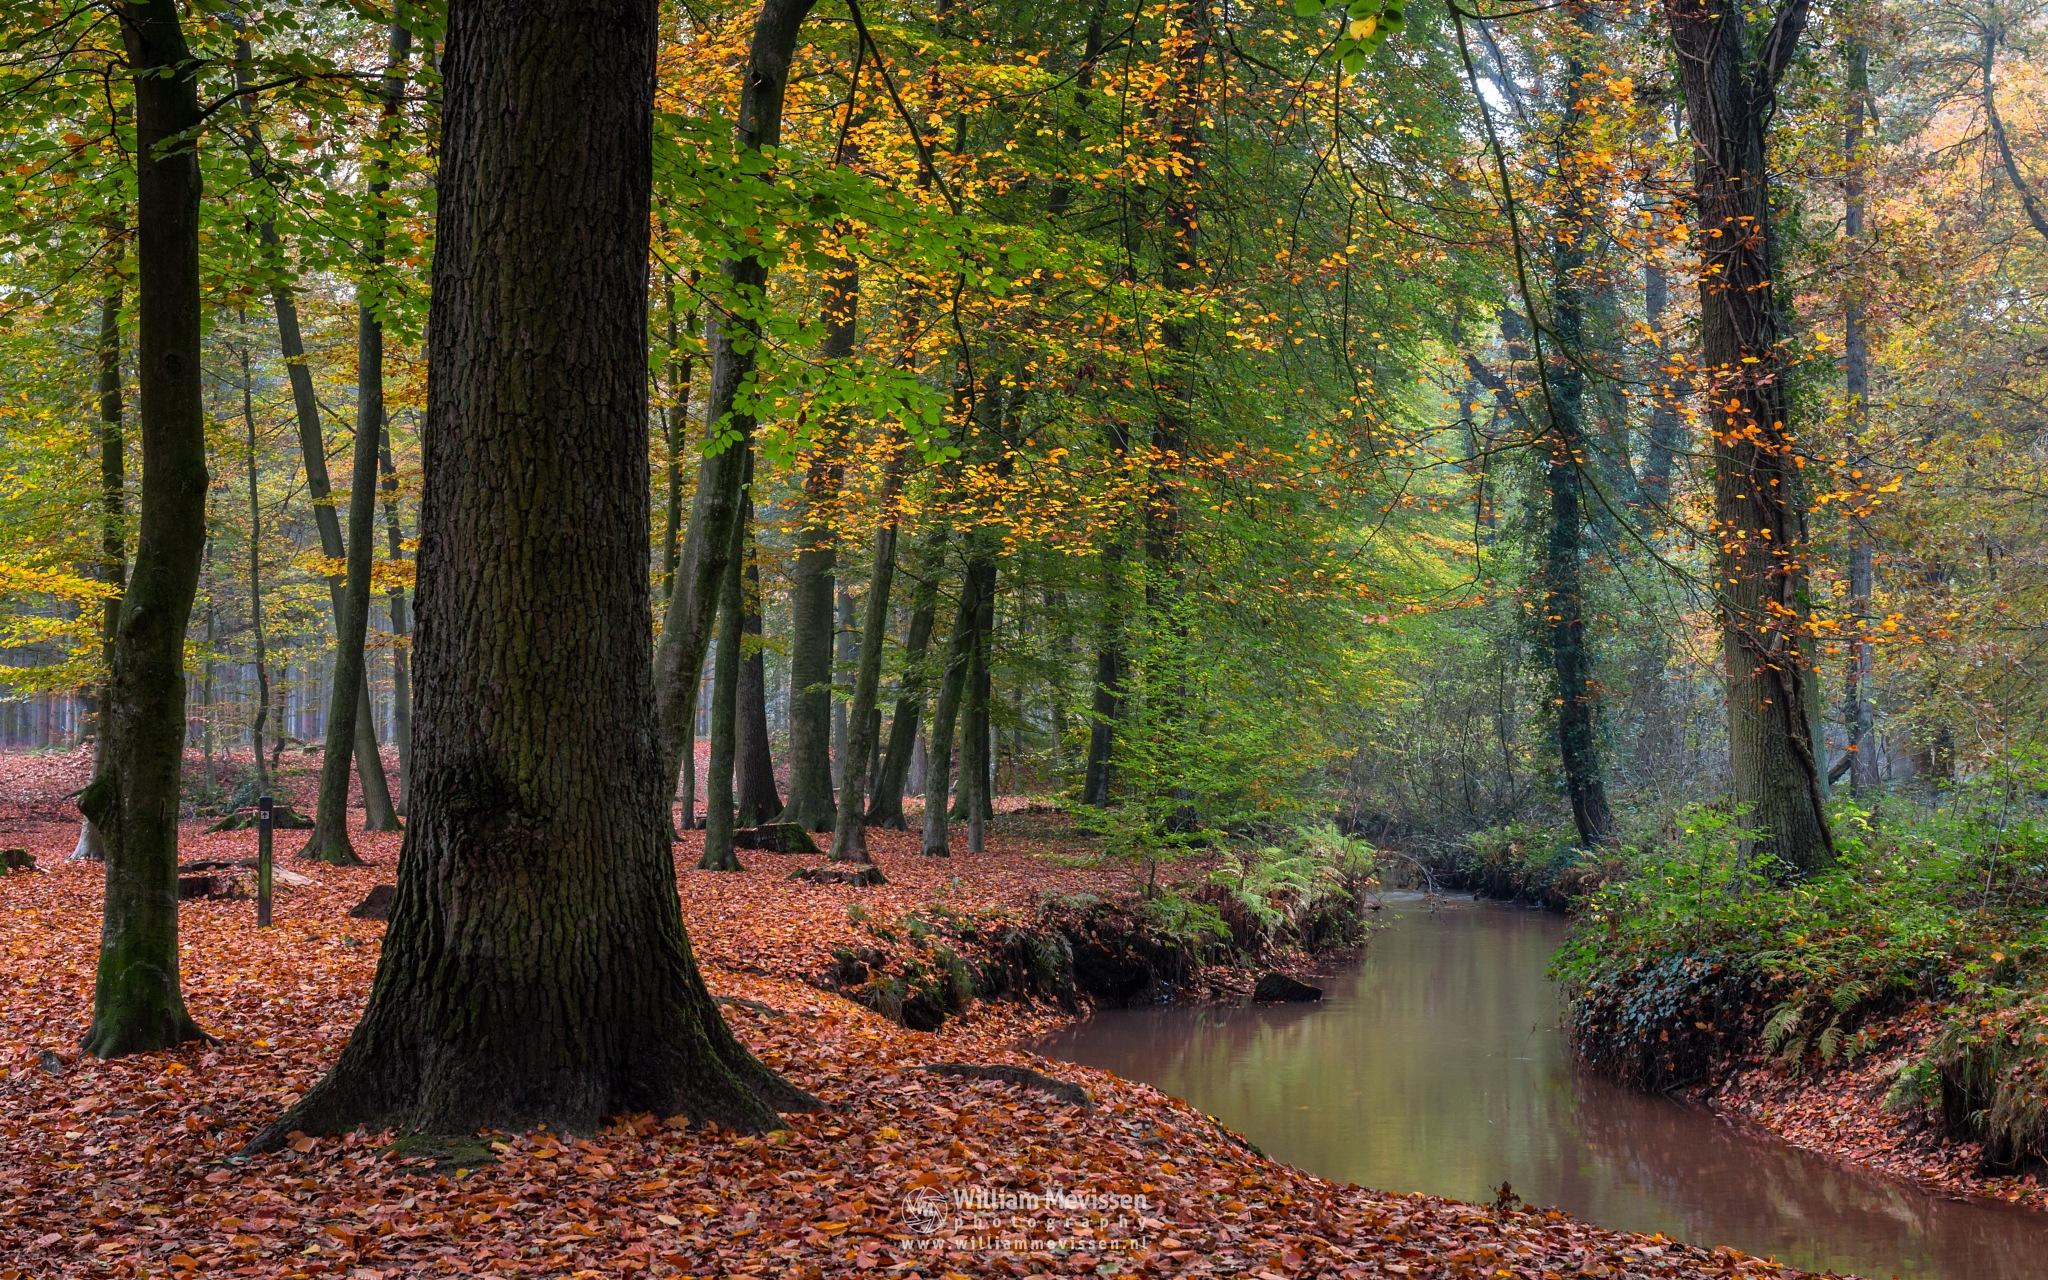 Photo in Nature #geijsteren #venray #oostrum #landgoed geijsteren #limburg #noord-limburg #nature #forest #woods #geysteren #autumn #trees #fall #brook